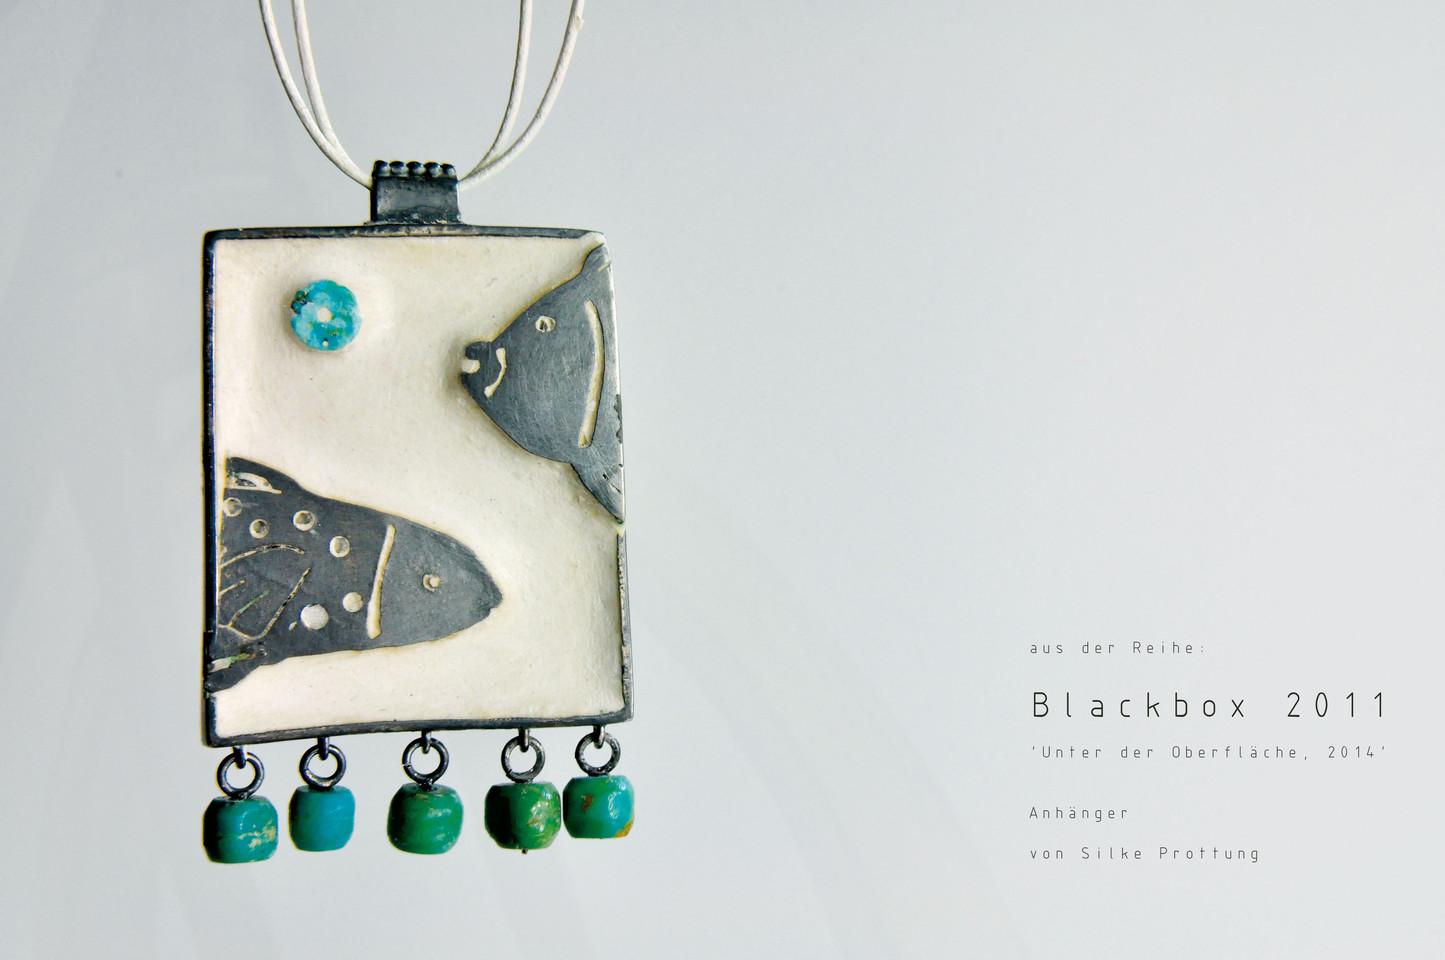 Blackbox-Unter der Oberfläche